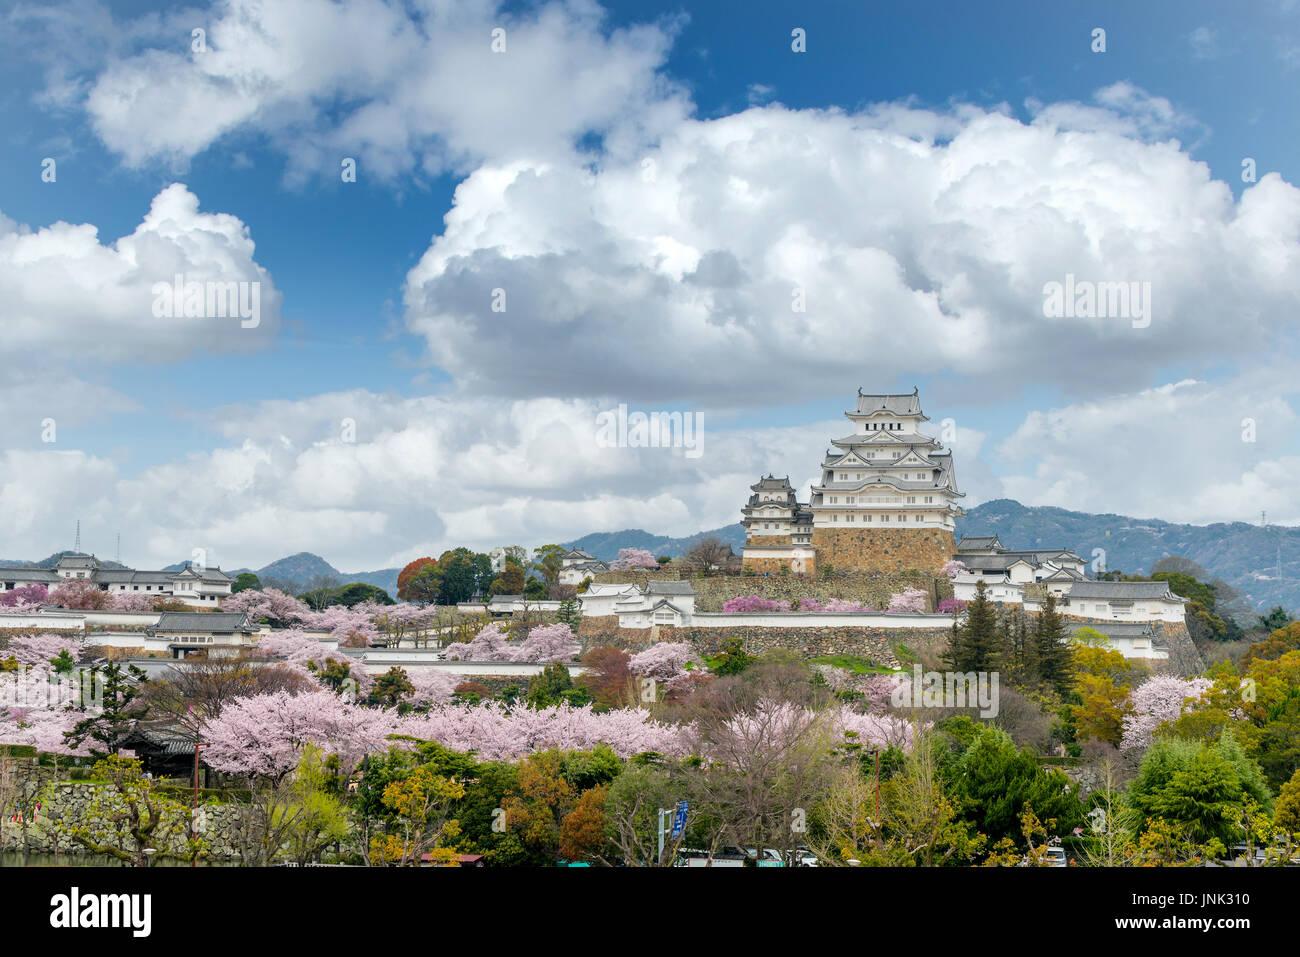 Fiori di Ciliegio fiori di stagione con il castello di Himeji nella città di Himeji, Hyogo vicino a Osaka, Giappone Immagini Stock